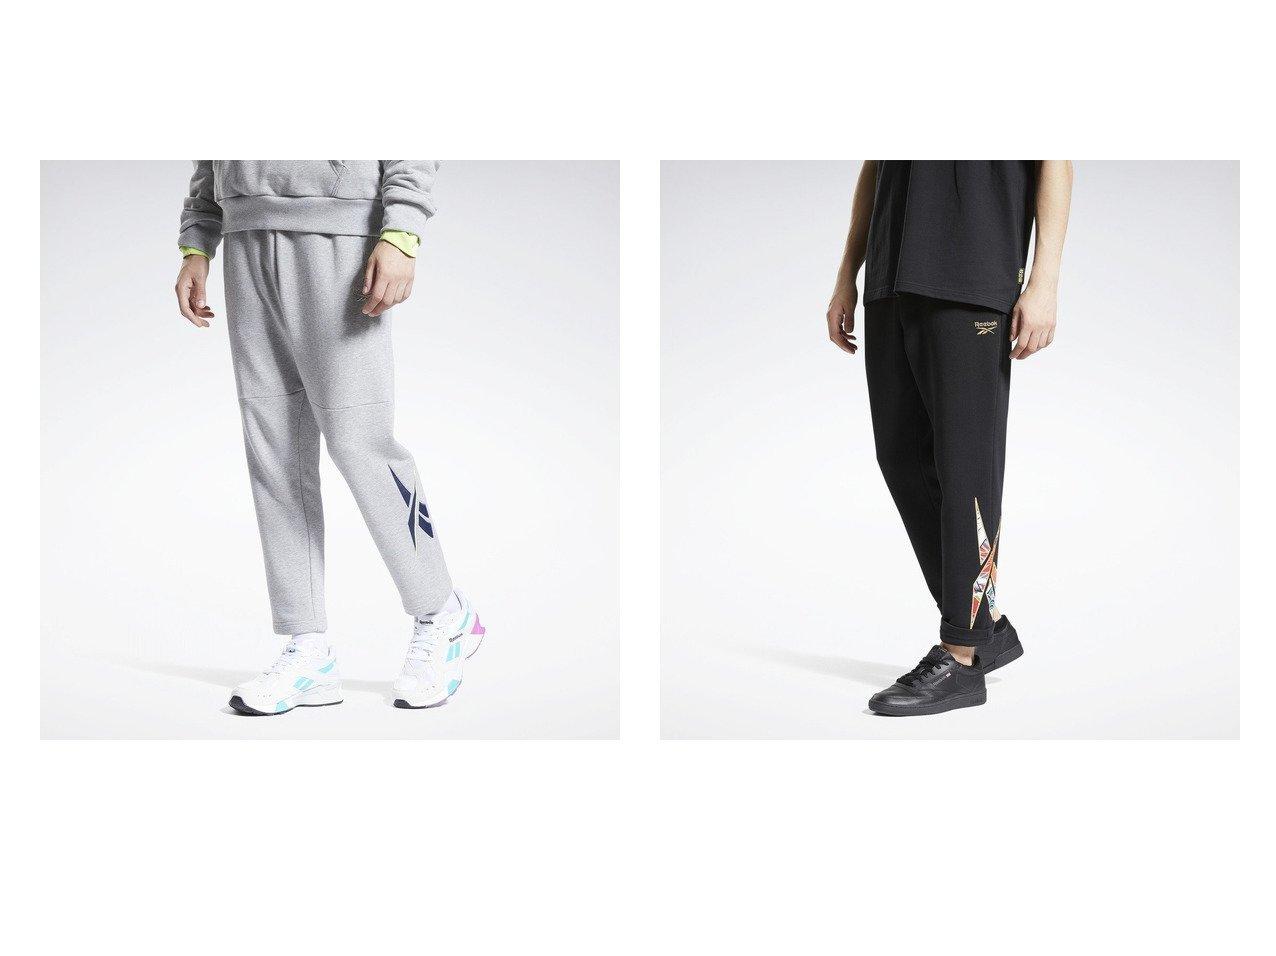 【Reebok/リーボック】のクラシックス ニットパンツ Classics Knit Pants&クラシックス CNY ベクター パンツ Classics CNY Vector Pants パンツのおすすめ!人気、トレンド・レディースファッションの通販 おすすめで人気の流行・トレンド、ファッションの通販商品 メンズファッション・キッズファッション・インテリア・家具・レディースファッション・服の通販 founy(ファニー) https://founy.com/ ファッション Fashion レディースファッション WOMEN パンツ Pants ドローコード フィット フレンチ メンズ レギュラー |ID:crp329100000016282